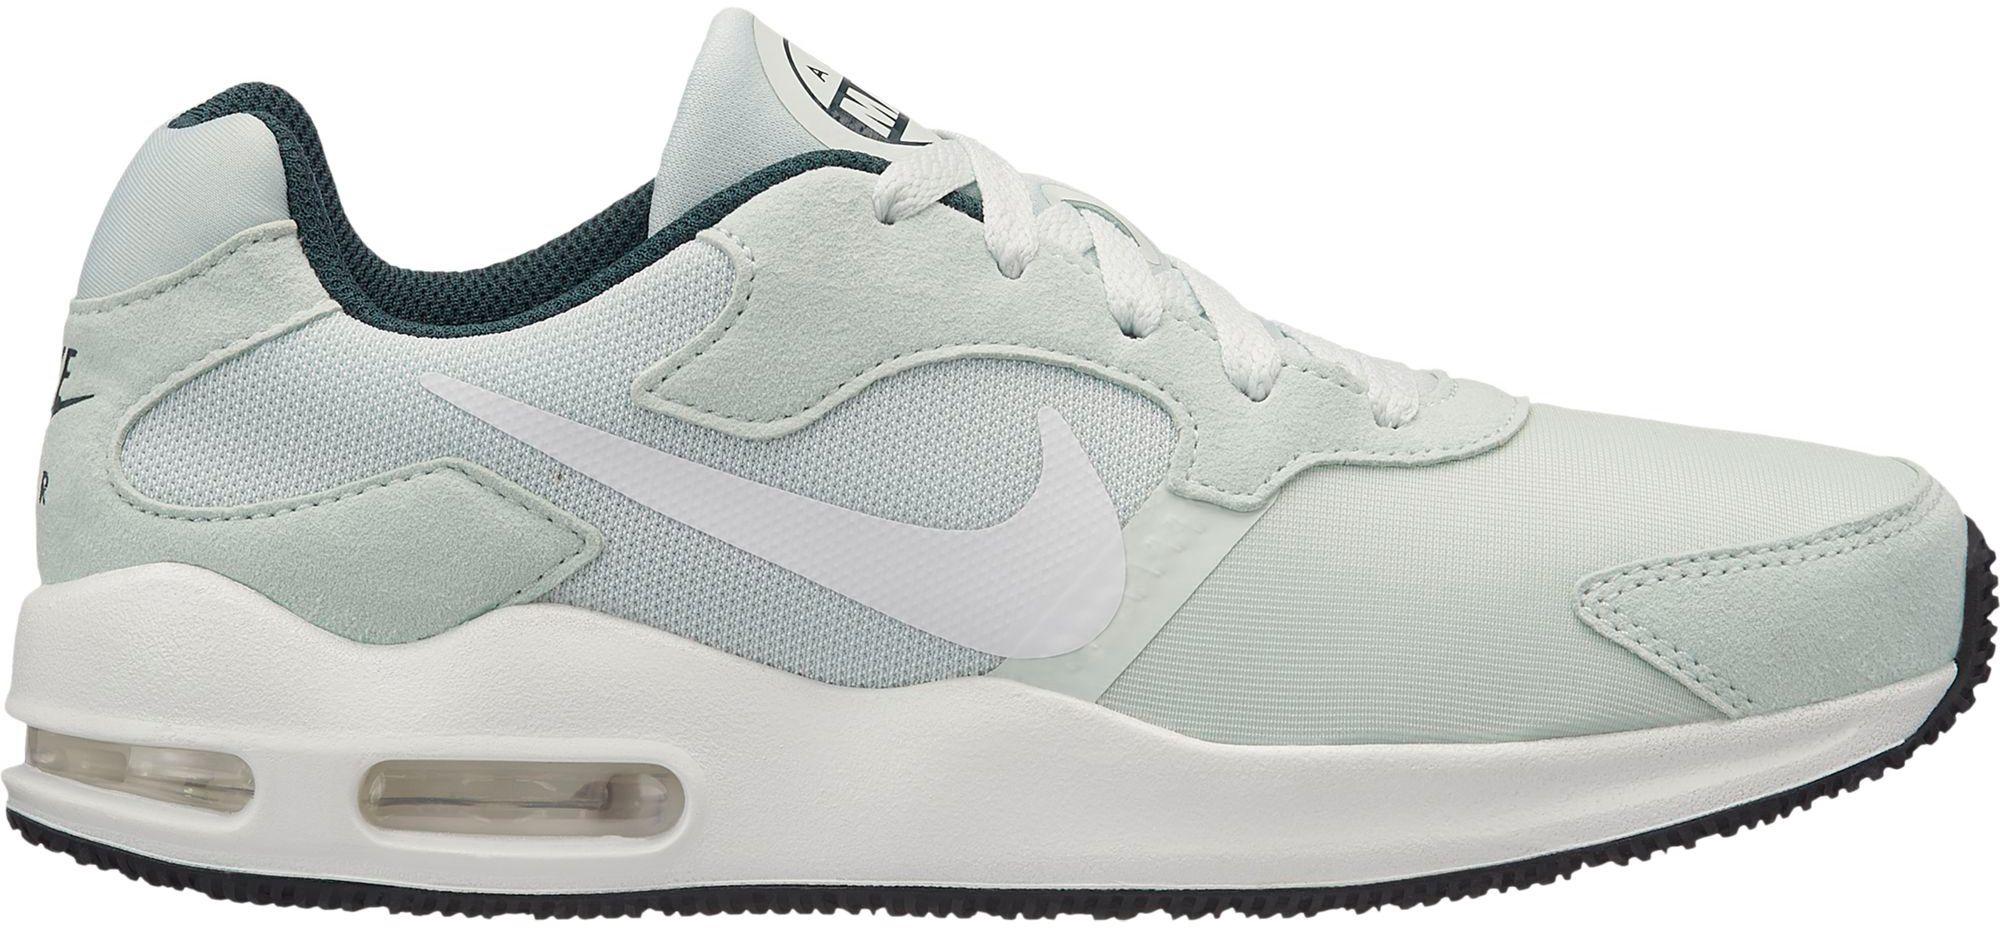 Nike AIR MAX GUILE Sneaker Damen, particle roseatmosphere grey,Größen: 36 1/2, 37 1/2, 38, 38 1/2, 39, 40 1/2